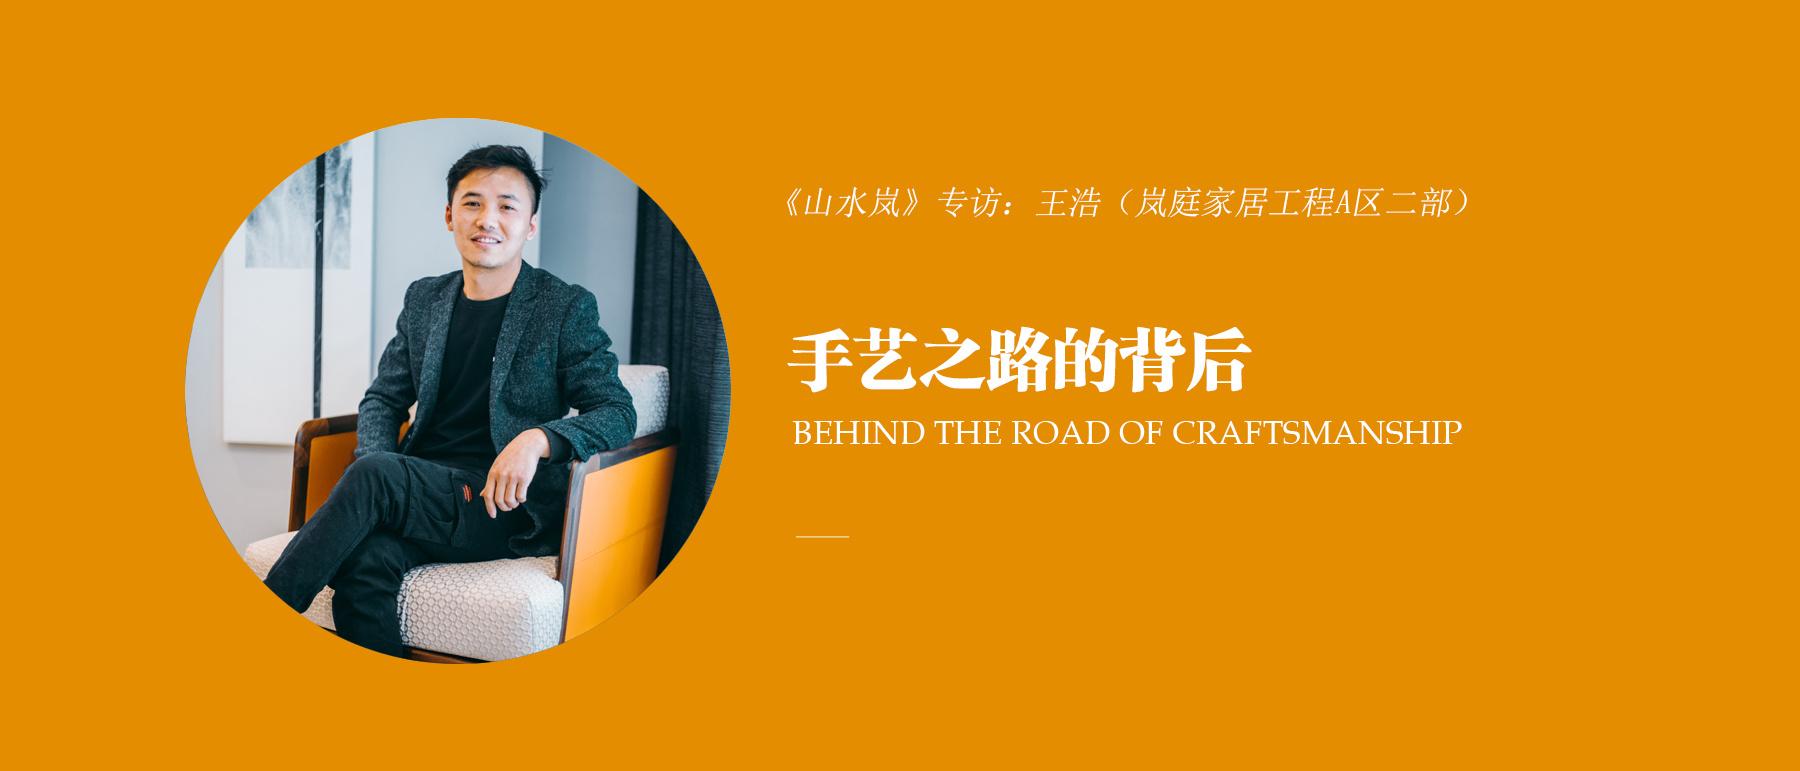 对话岚庭家居工程部王浩 • 手艺之路的背后